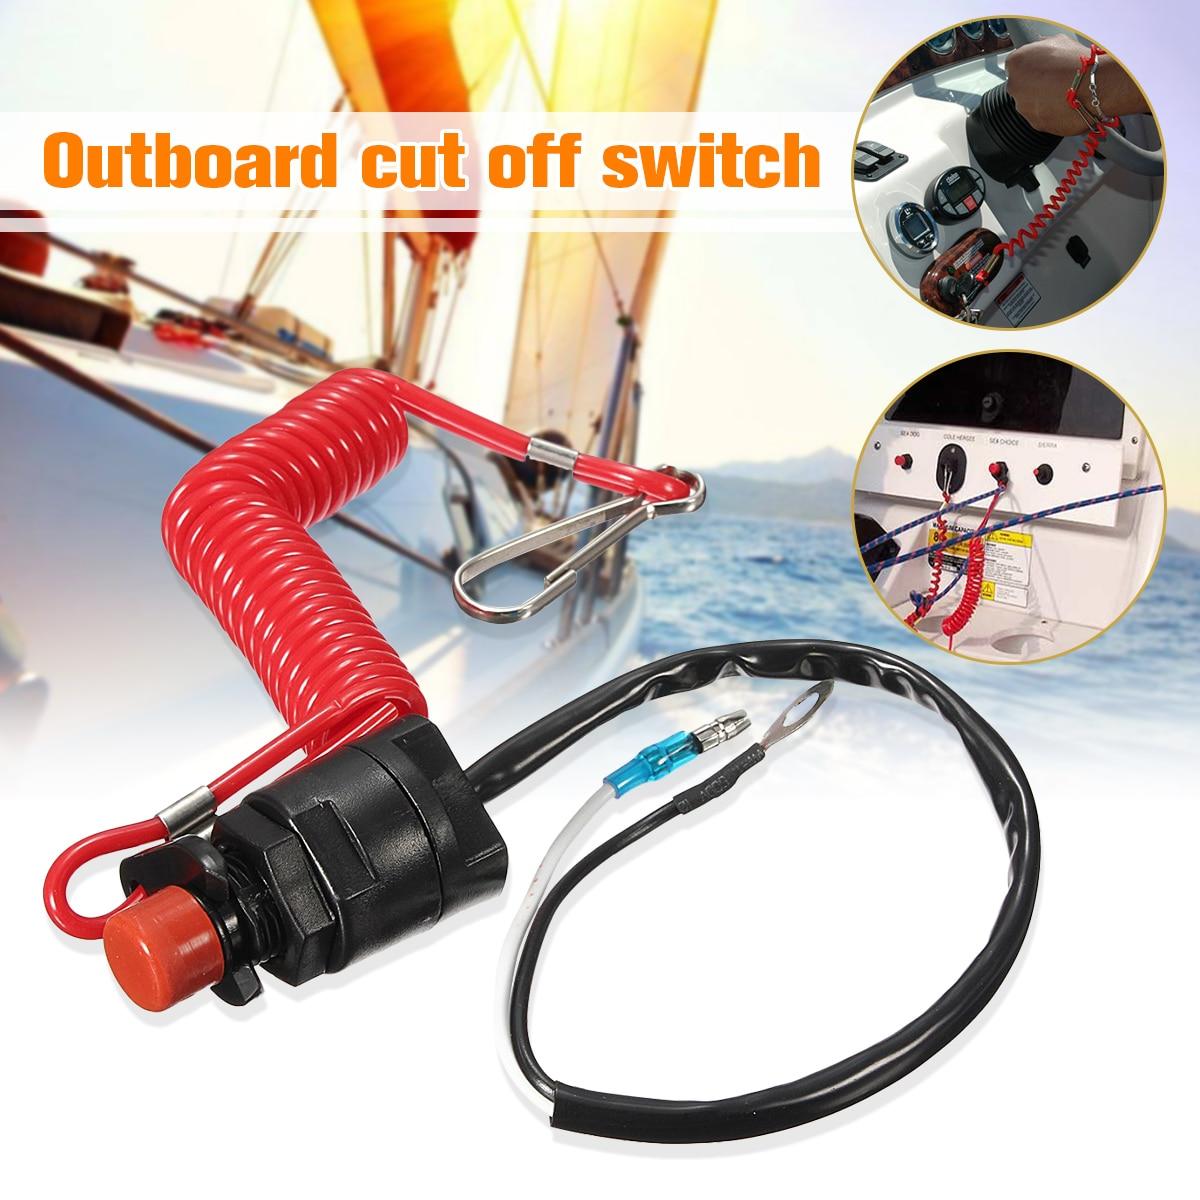 Interrupteur darrêt durgence pour bateau | Moteur de bateau, interrupteur de sécurité pour Yamaha /Tohatsu lanière de protection